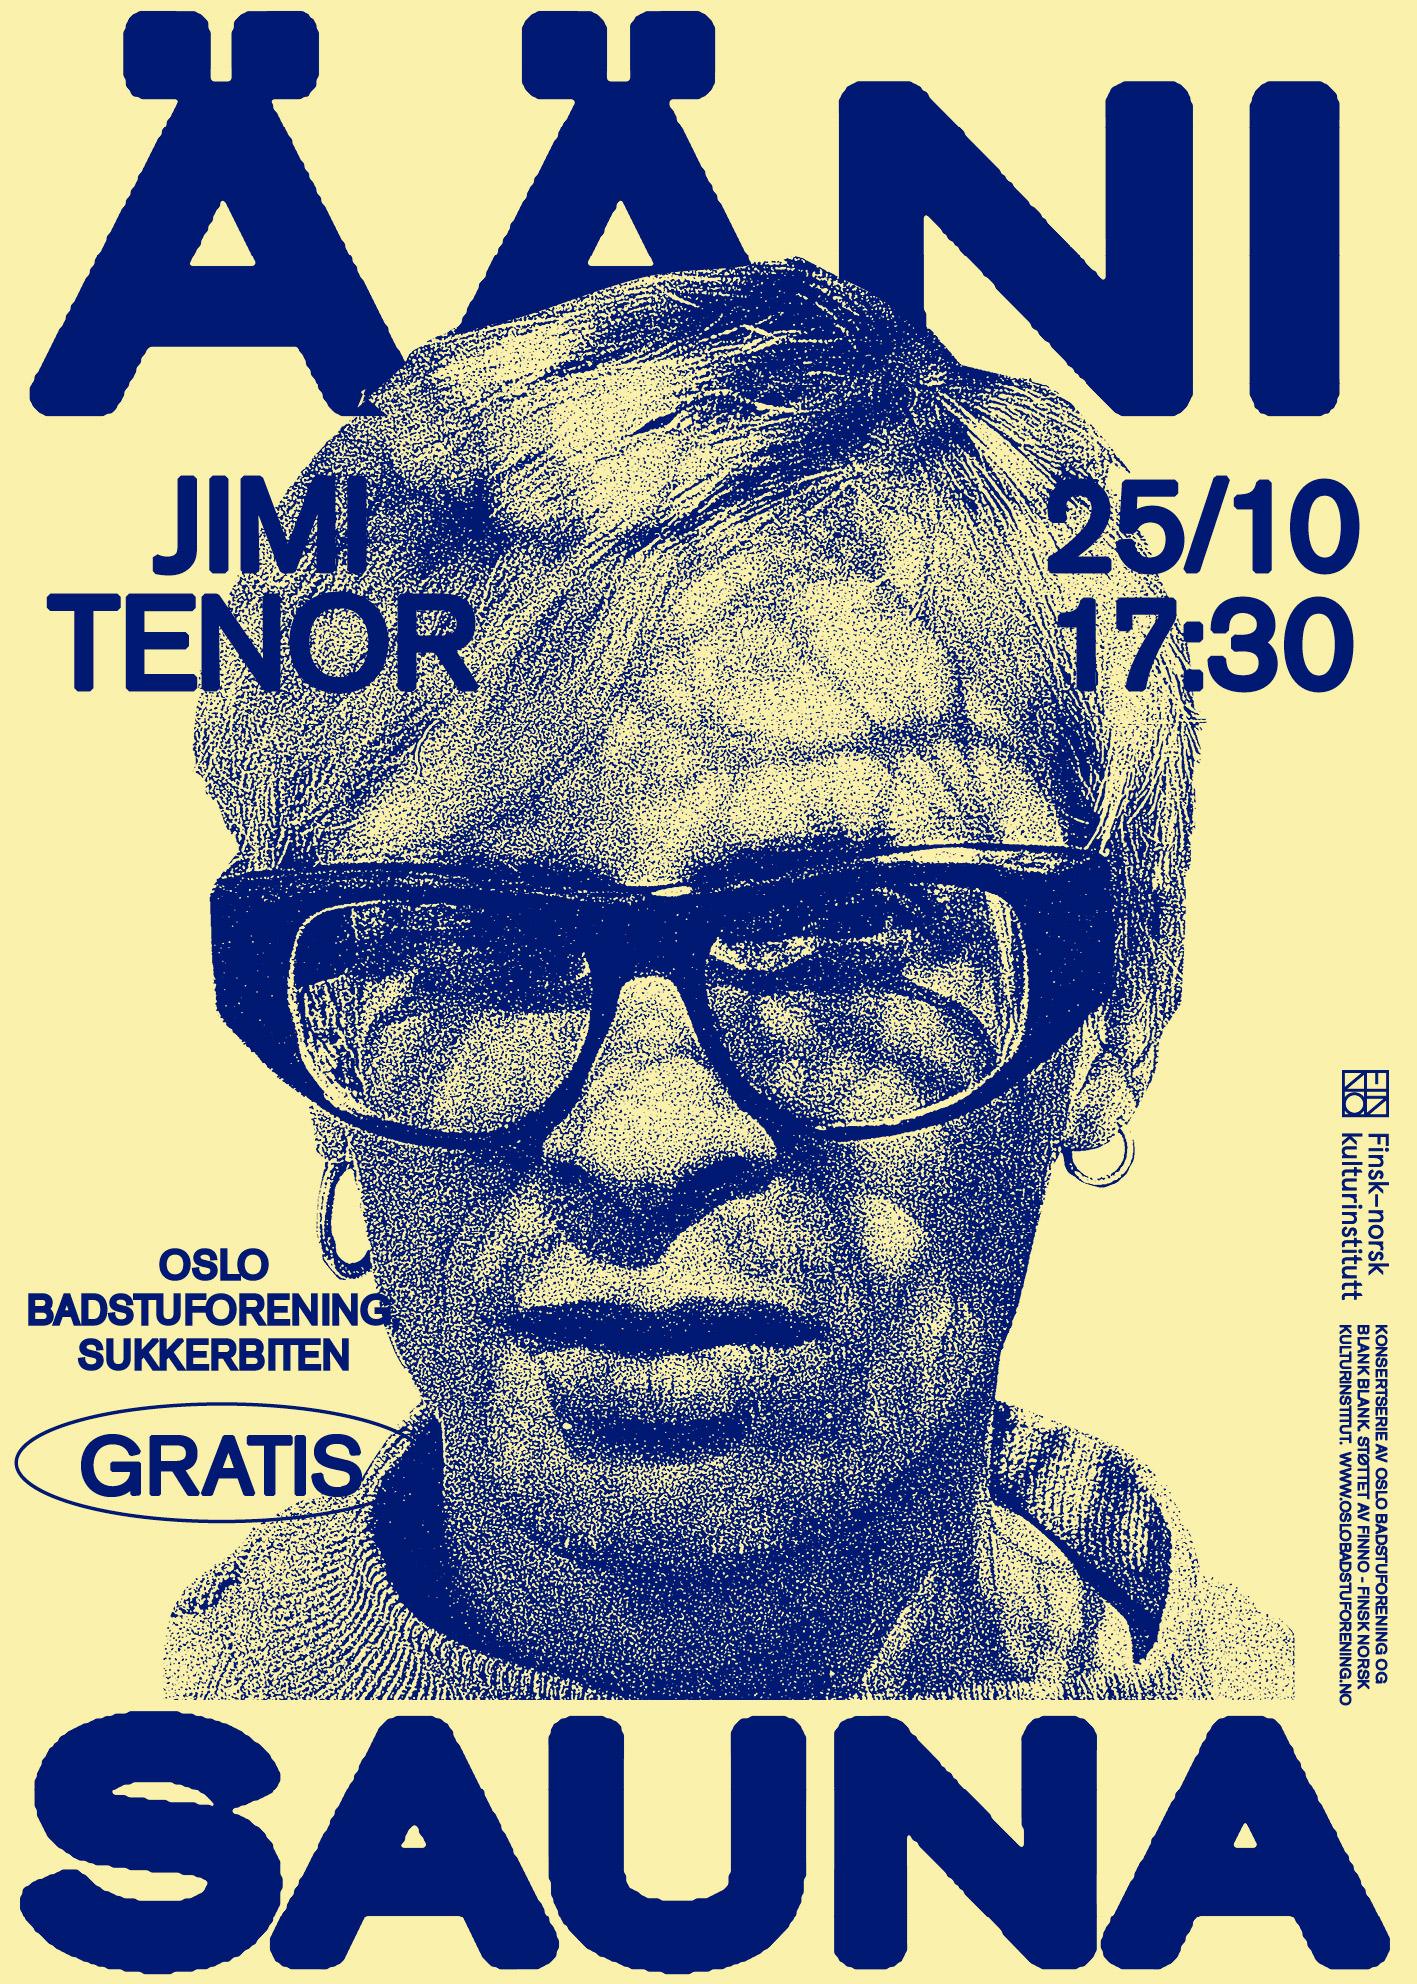 Illustration of a man's head. Text: Ääni Sauna